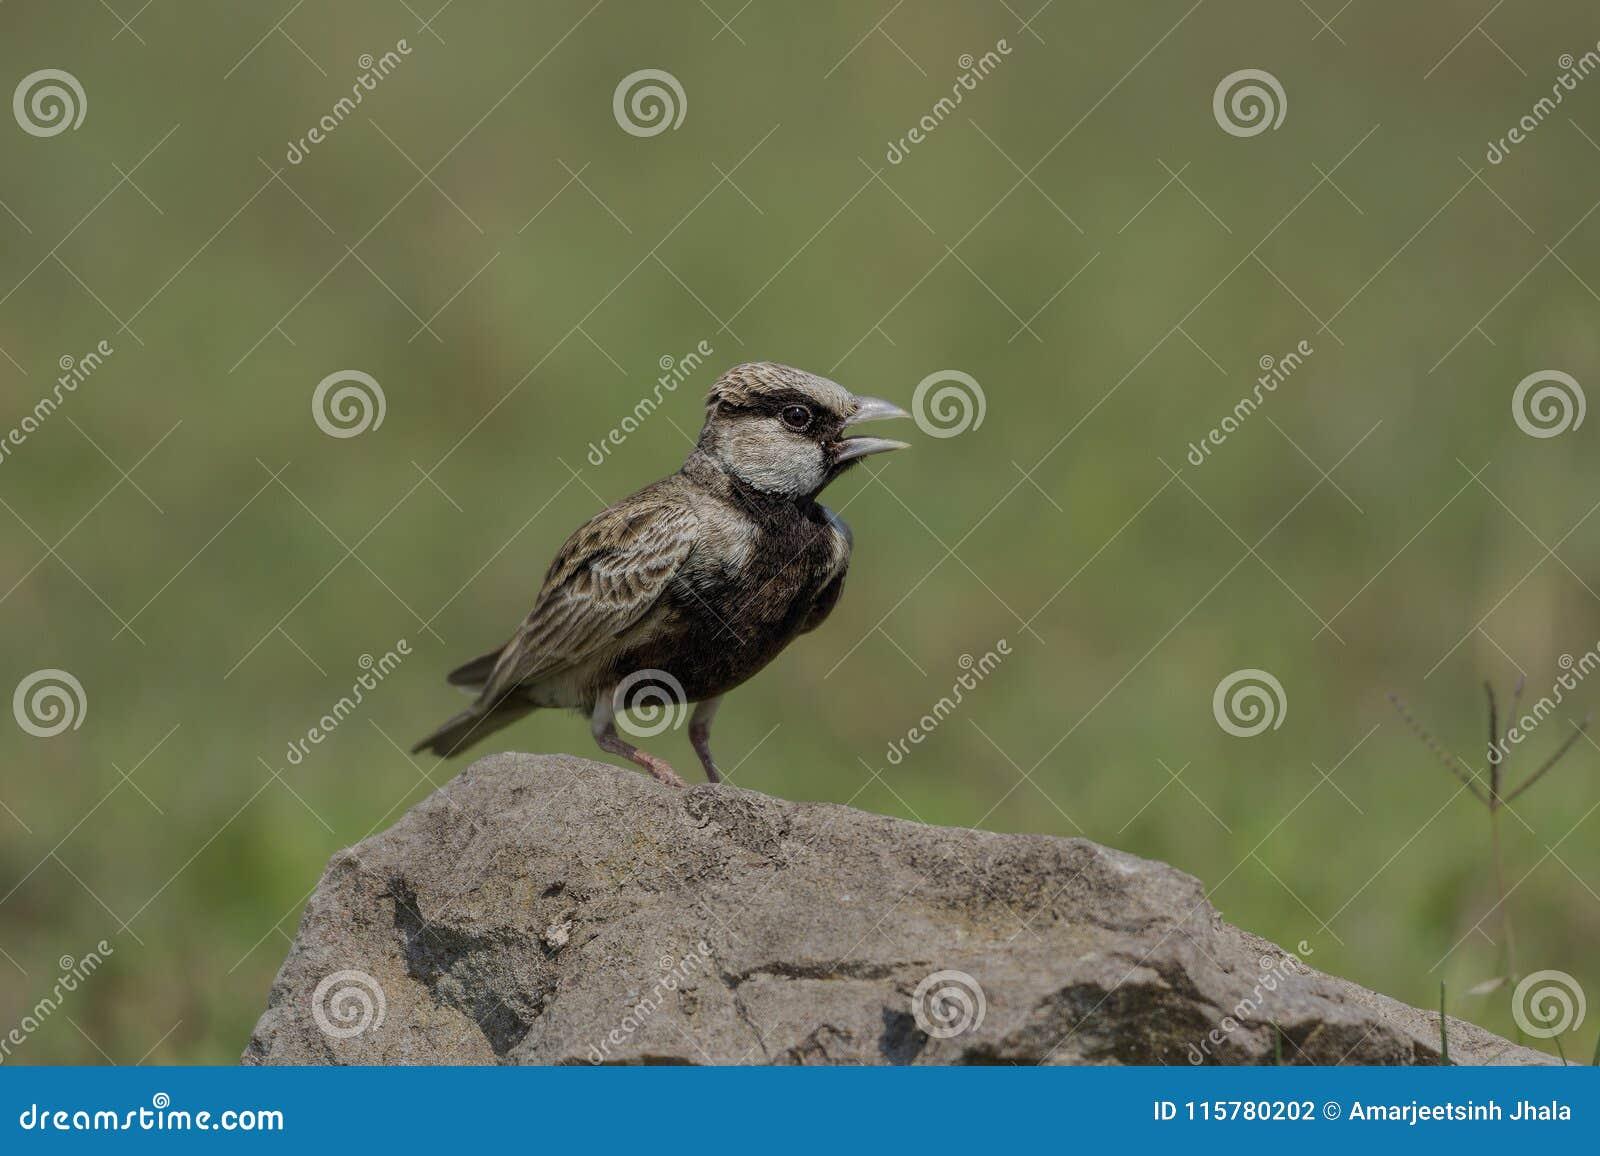 Ashy koronowany wróbli żartu Eremopterix griseus umieszczał na skale